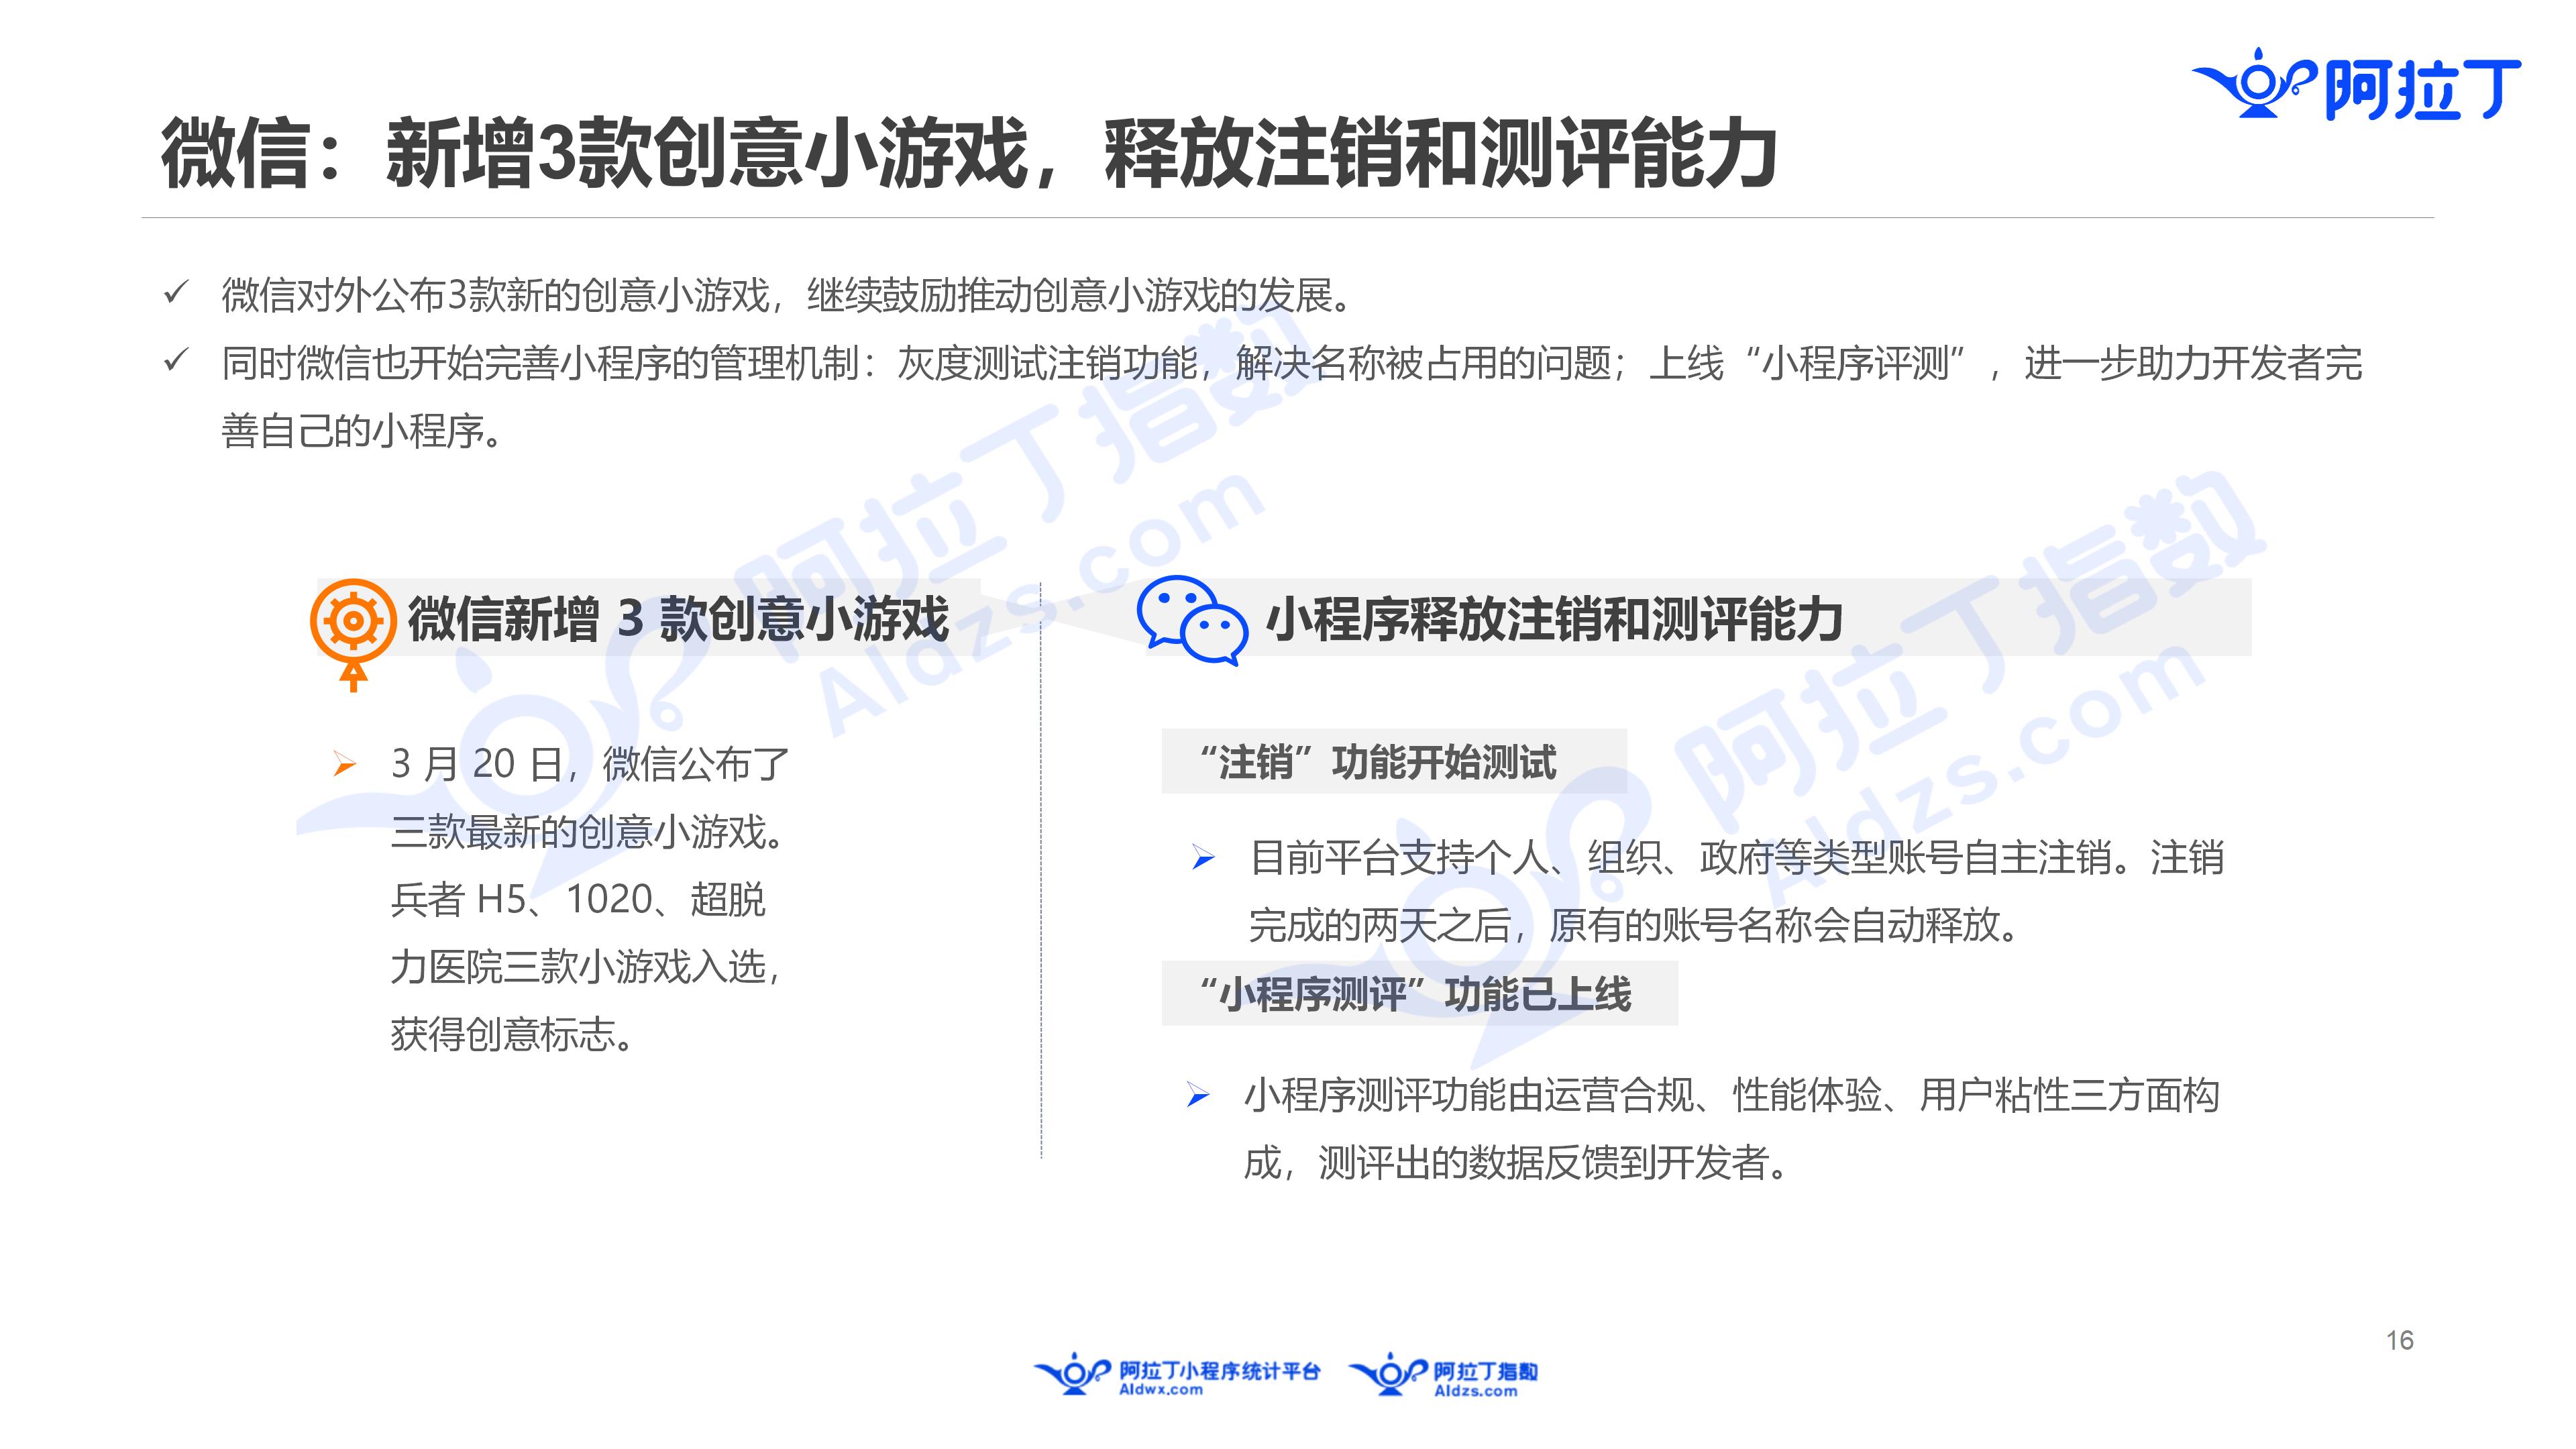 2019年3月中国小程序行业月度报告v5(1)_16.png